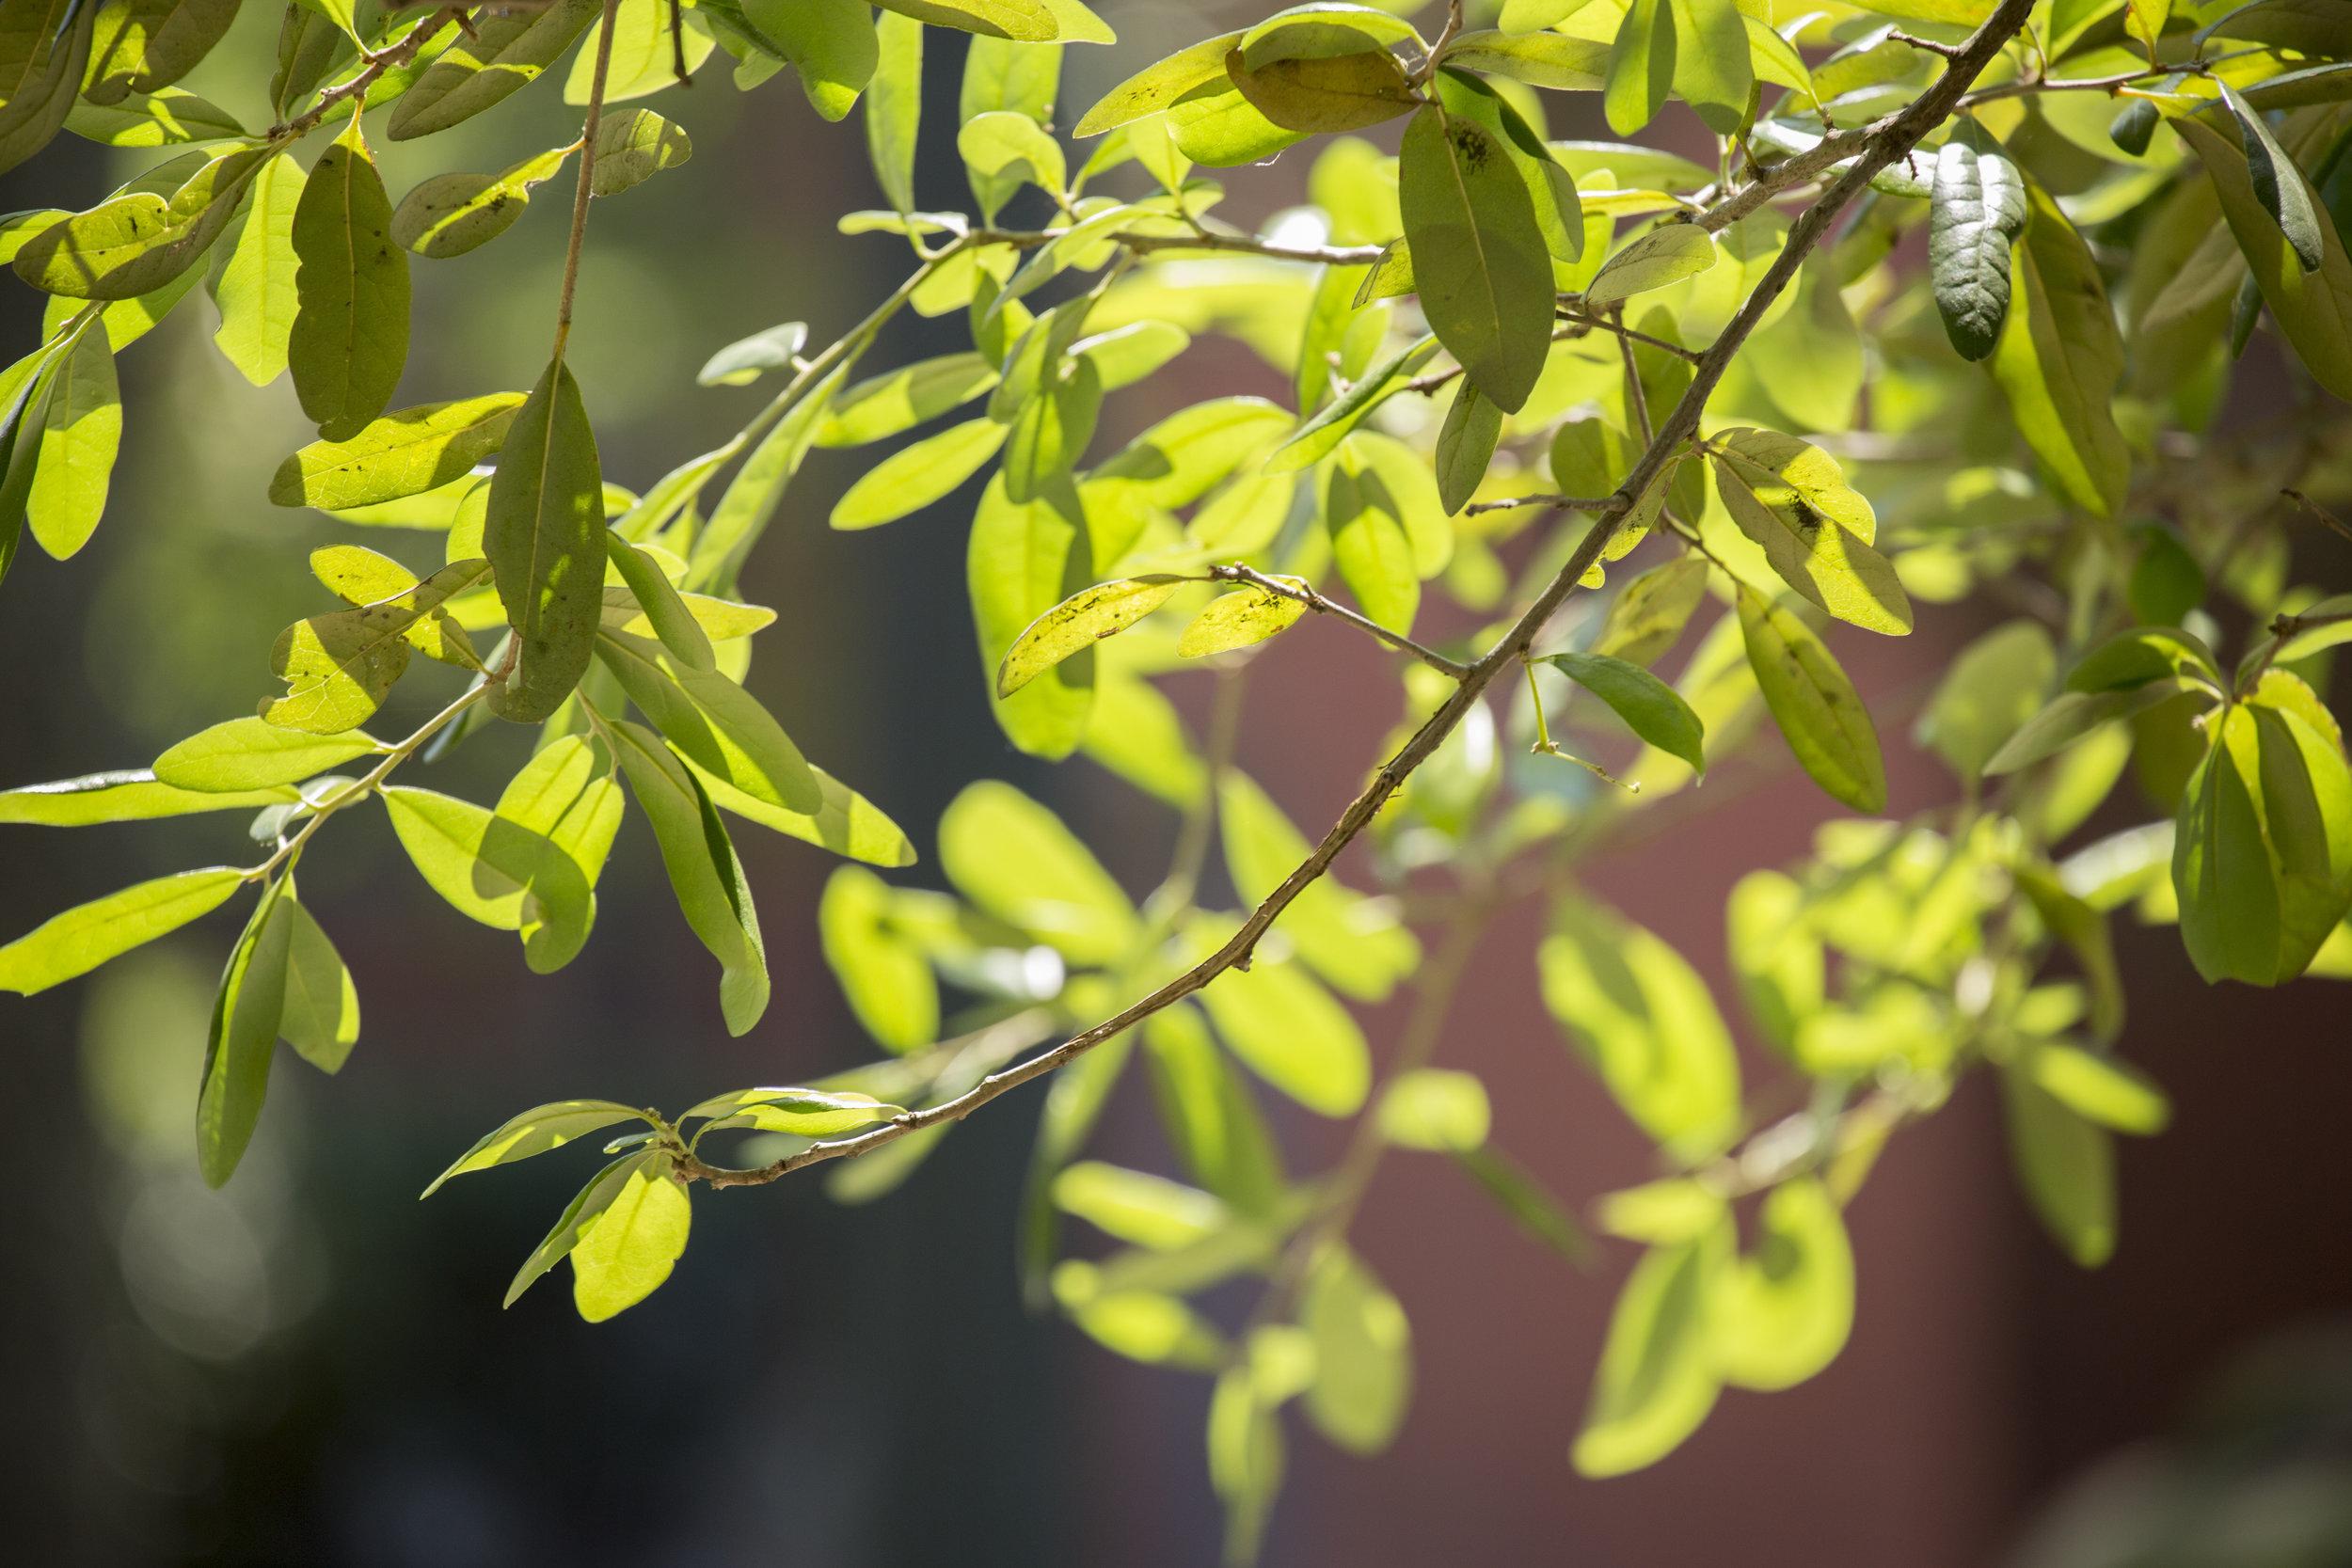 plantBloom3.jpg